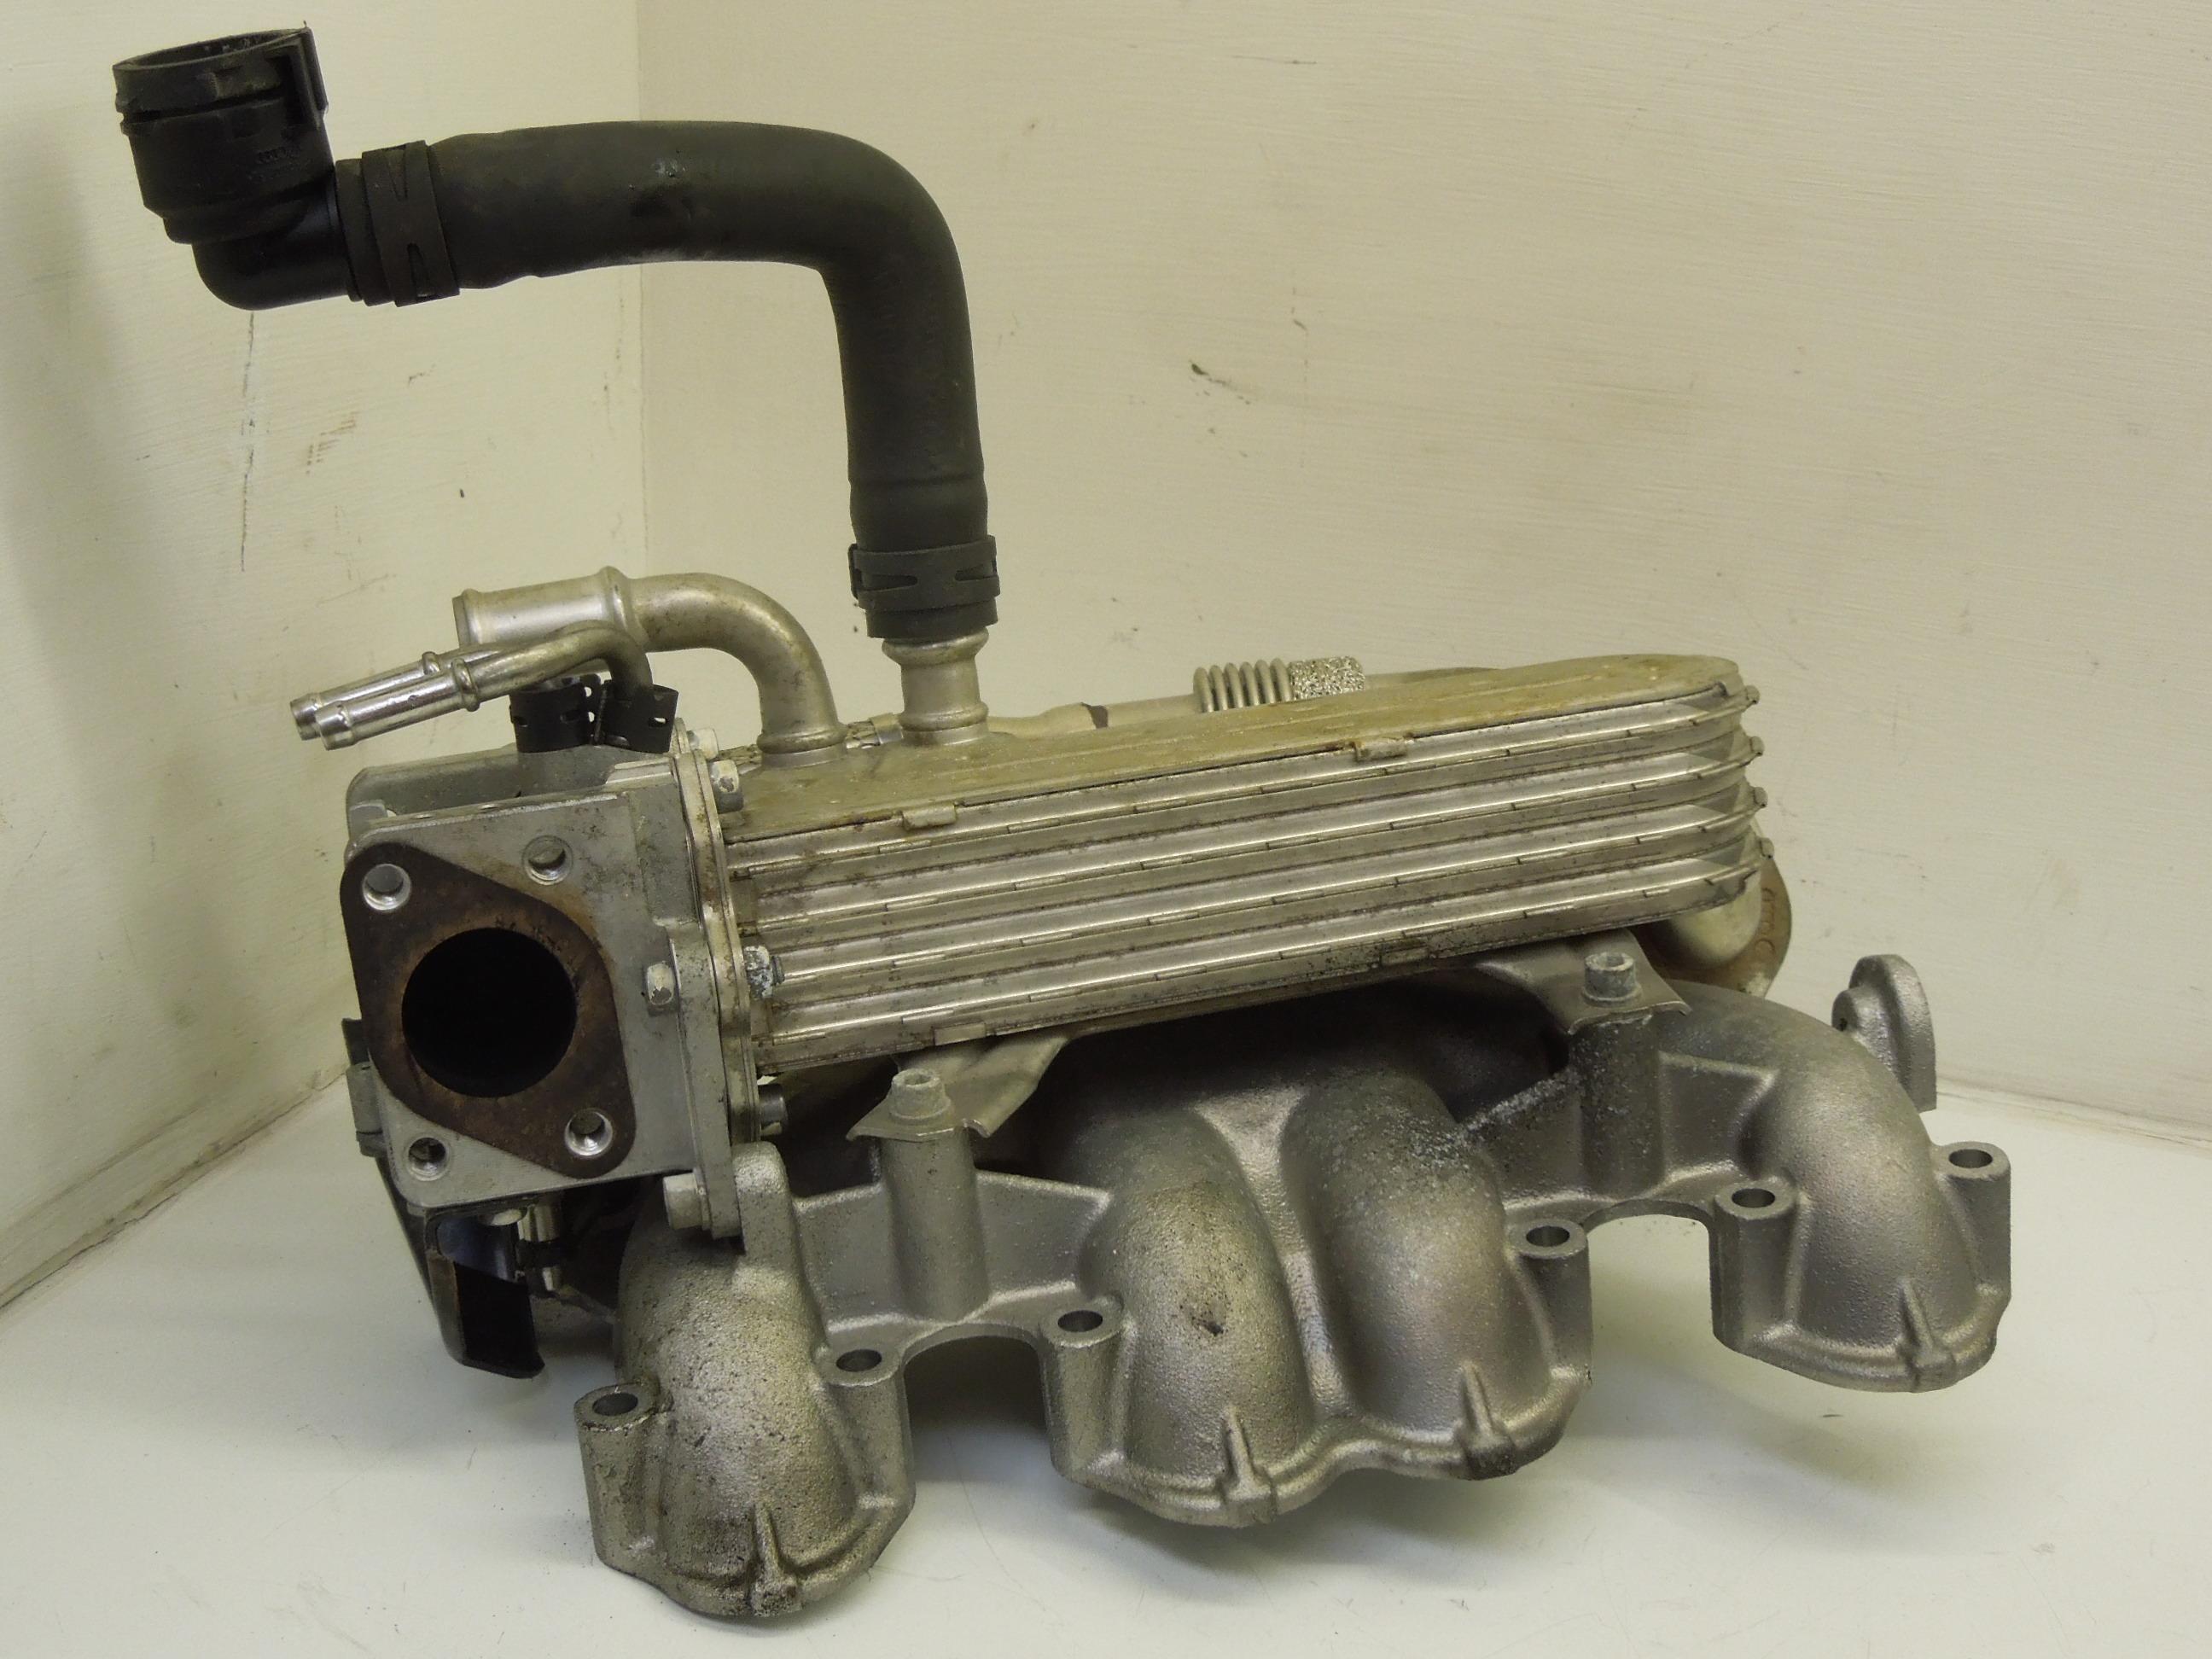 VW-BORA-GOLF-PASSAT-1-9-TDI-COLLETTORE-DI-ASPIRAZIONE-E-EGR-ASSEMBLY-038131513AD